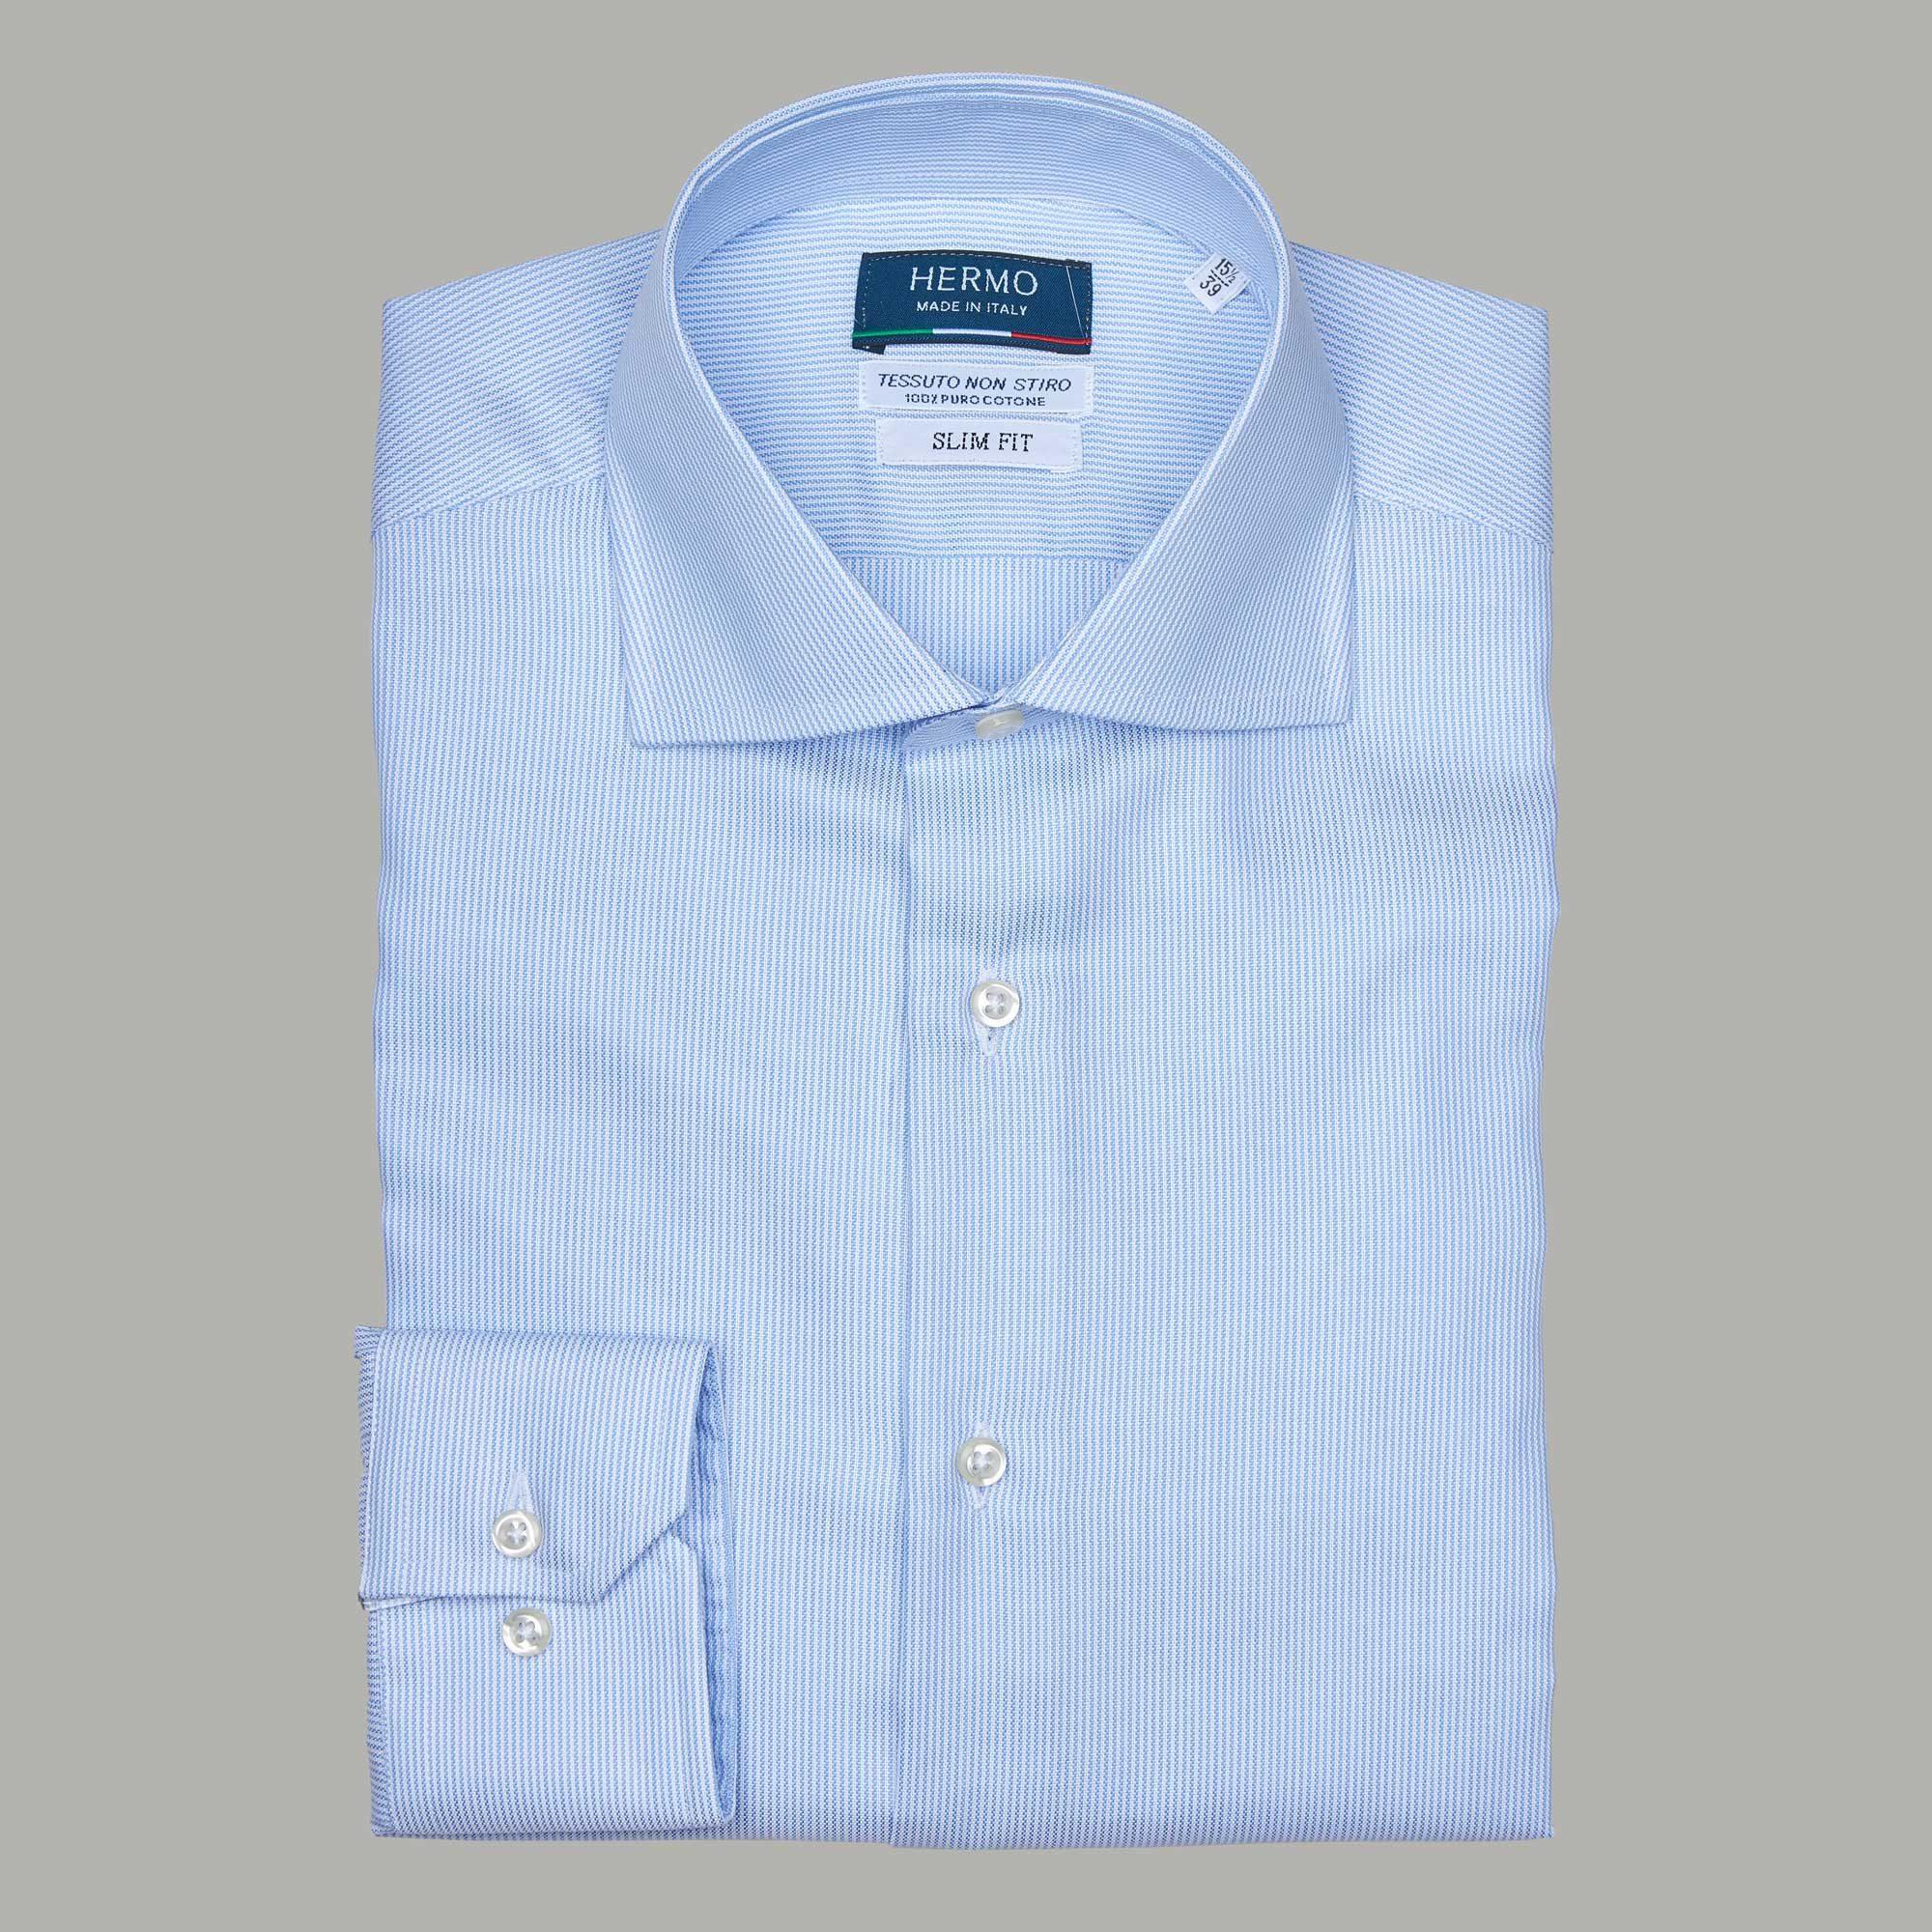 Camicia azzurra 100% cotone non stiro